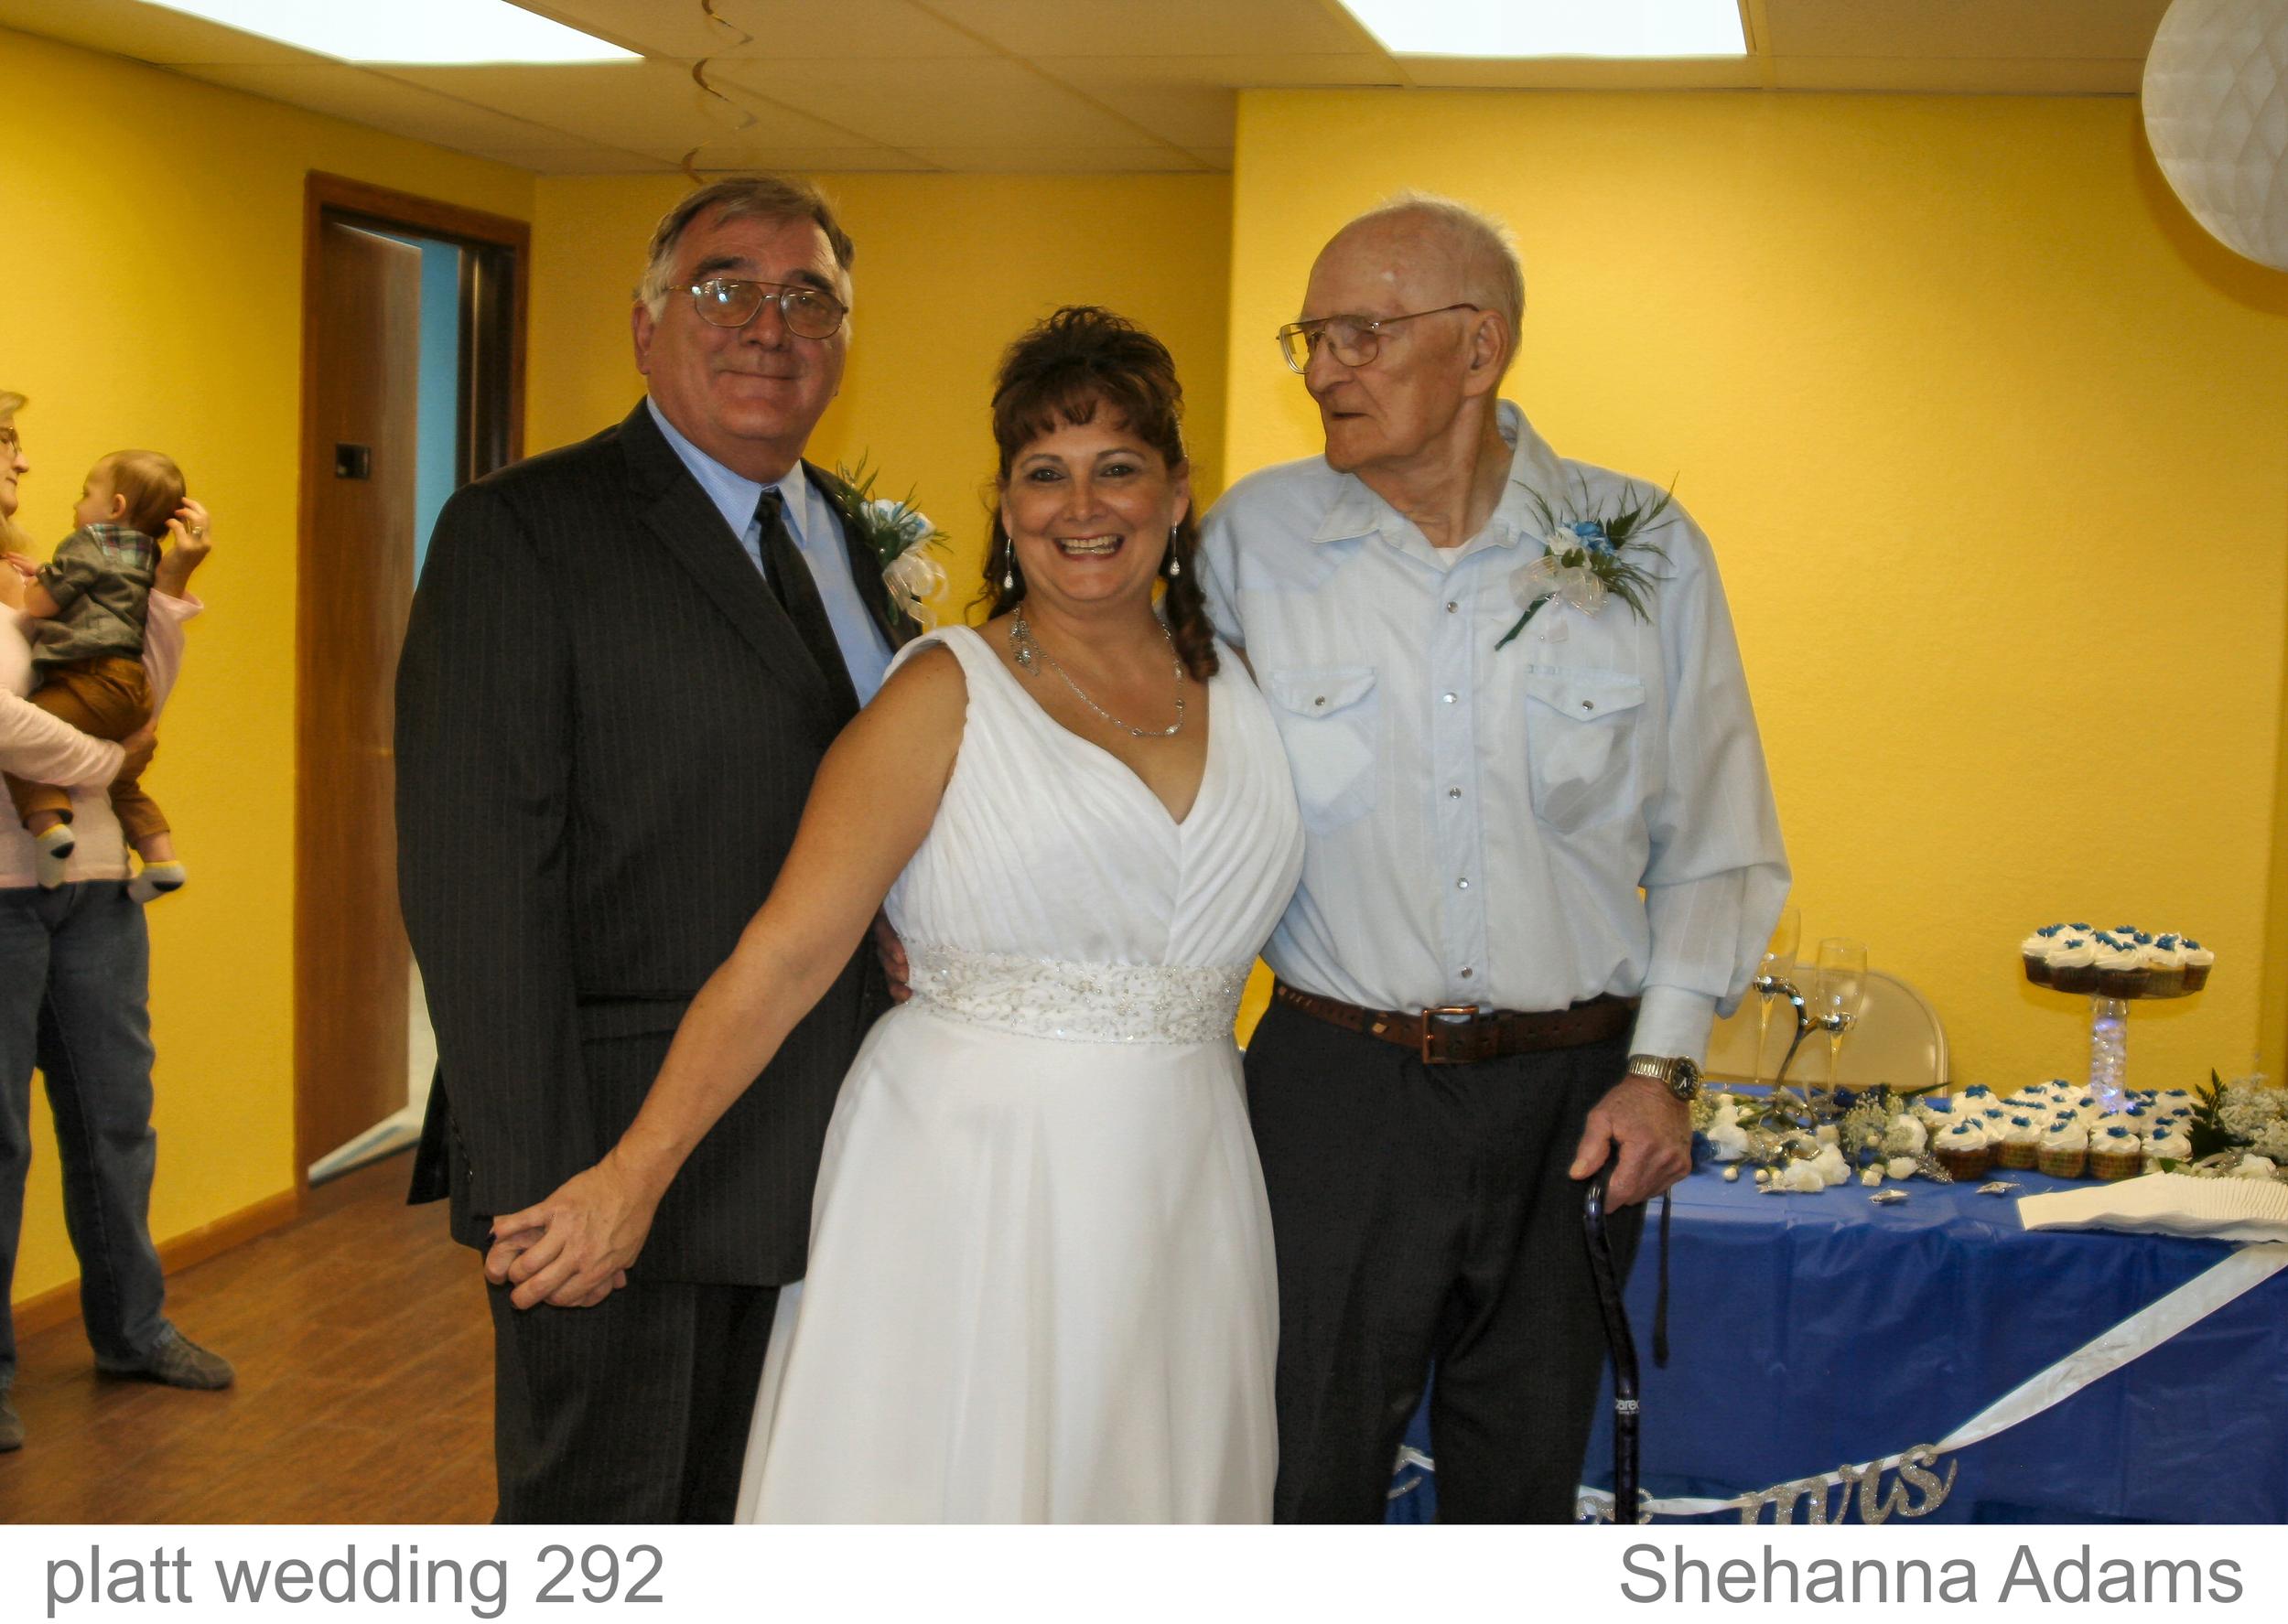 platt wedding 292.jpg